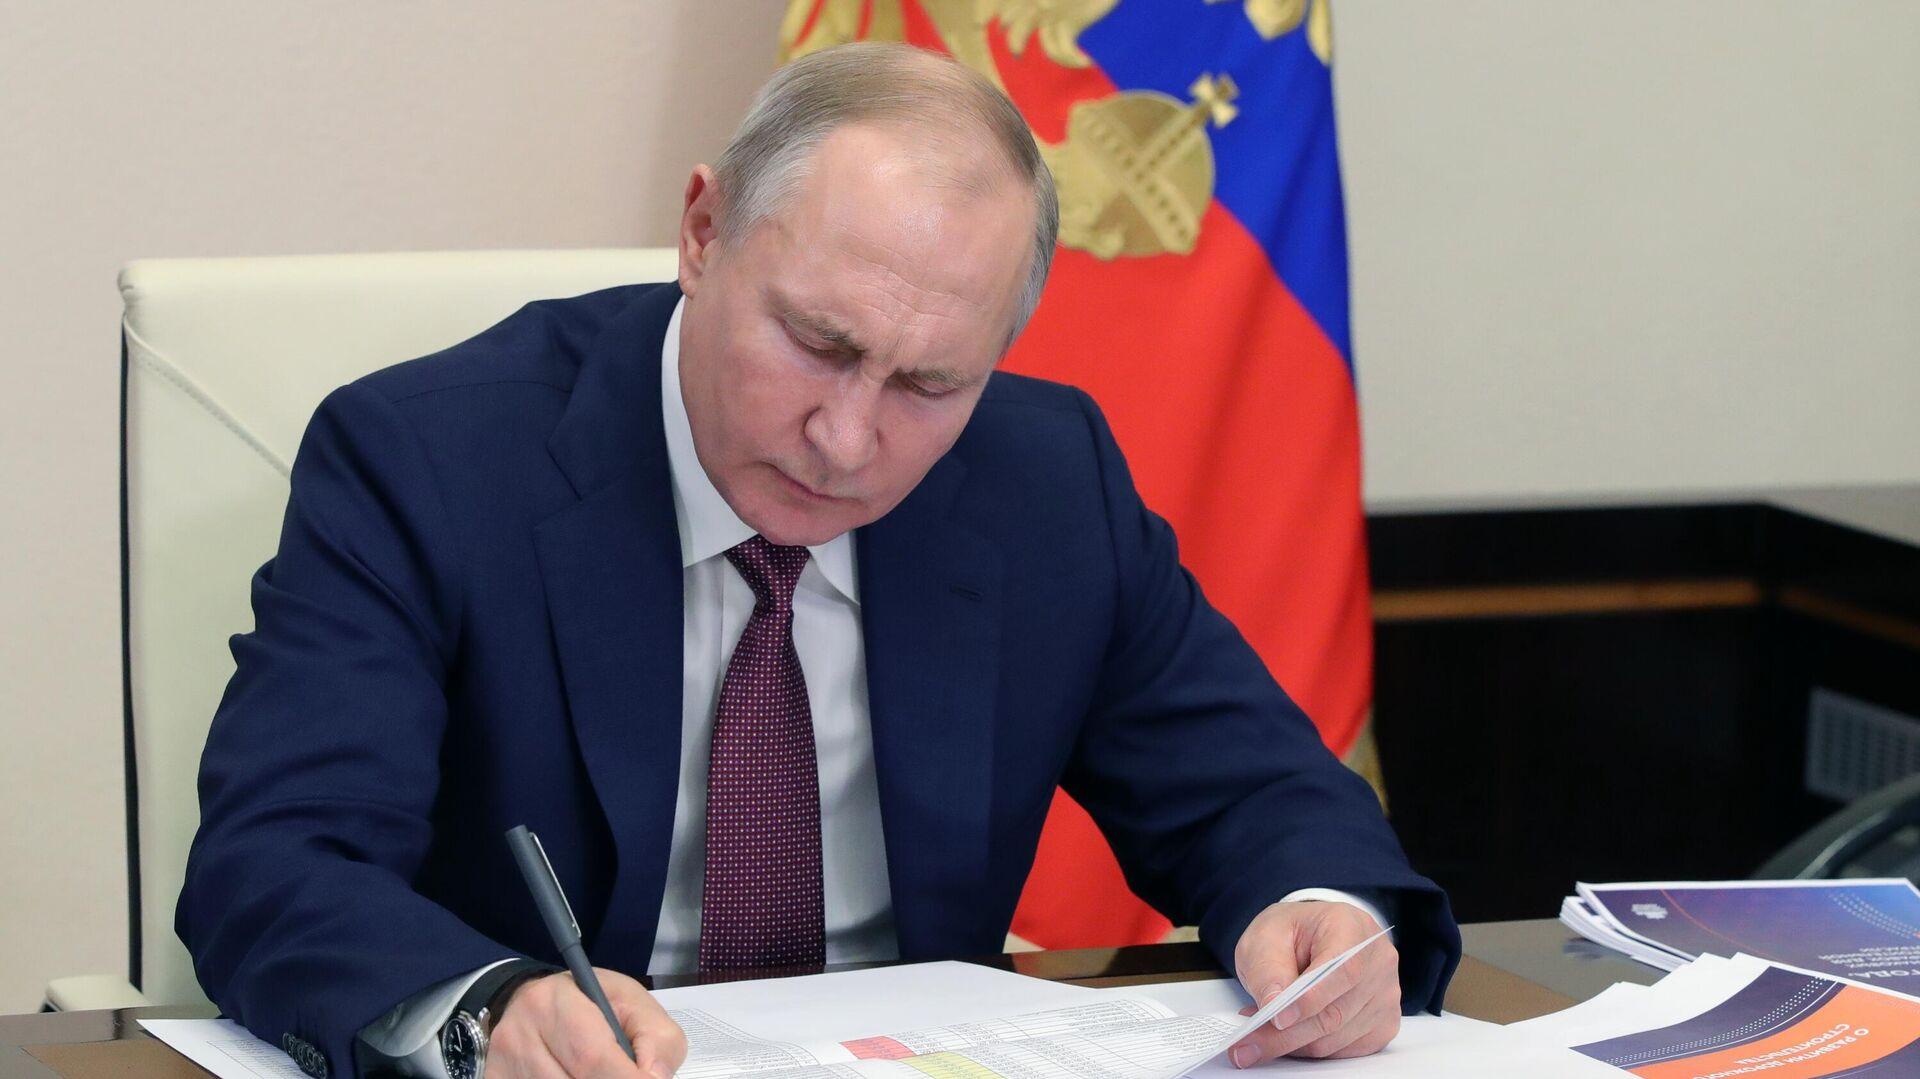 Президент РФ Владимир Путин проводит в режиме видеоконференции совещание с членами правительства РФ - РИА Новости, 1920, 26.04.2021